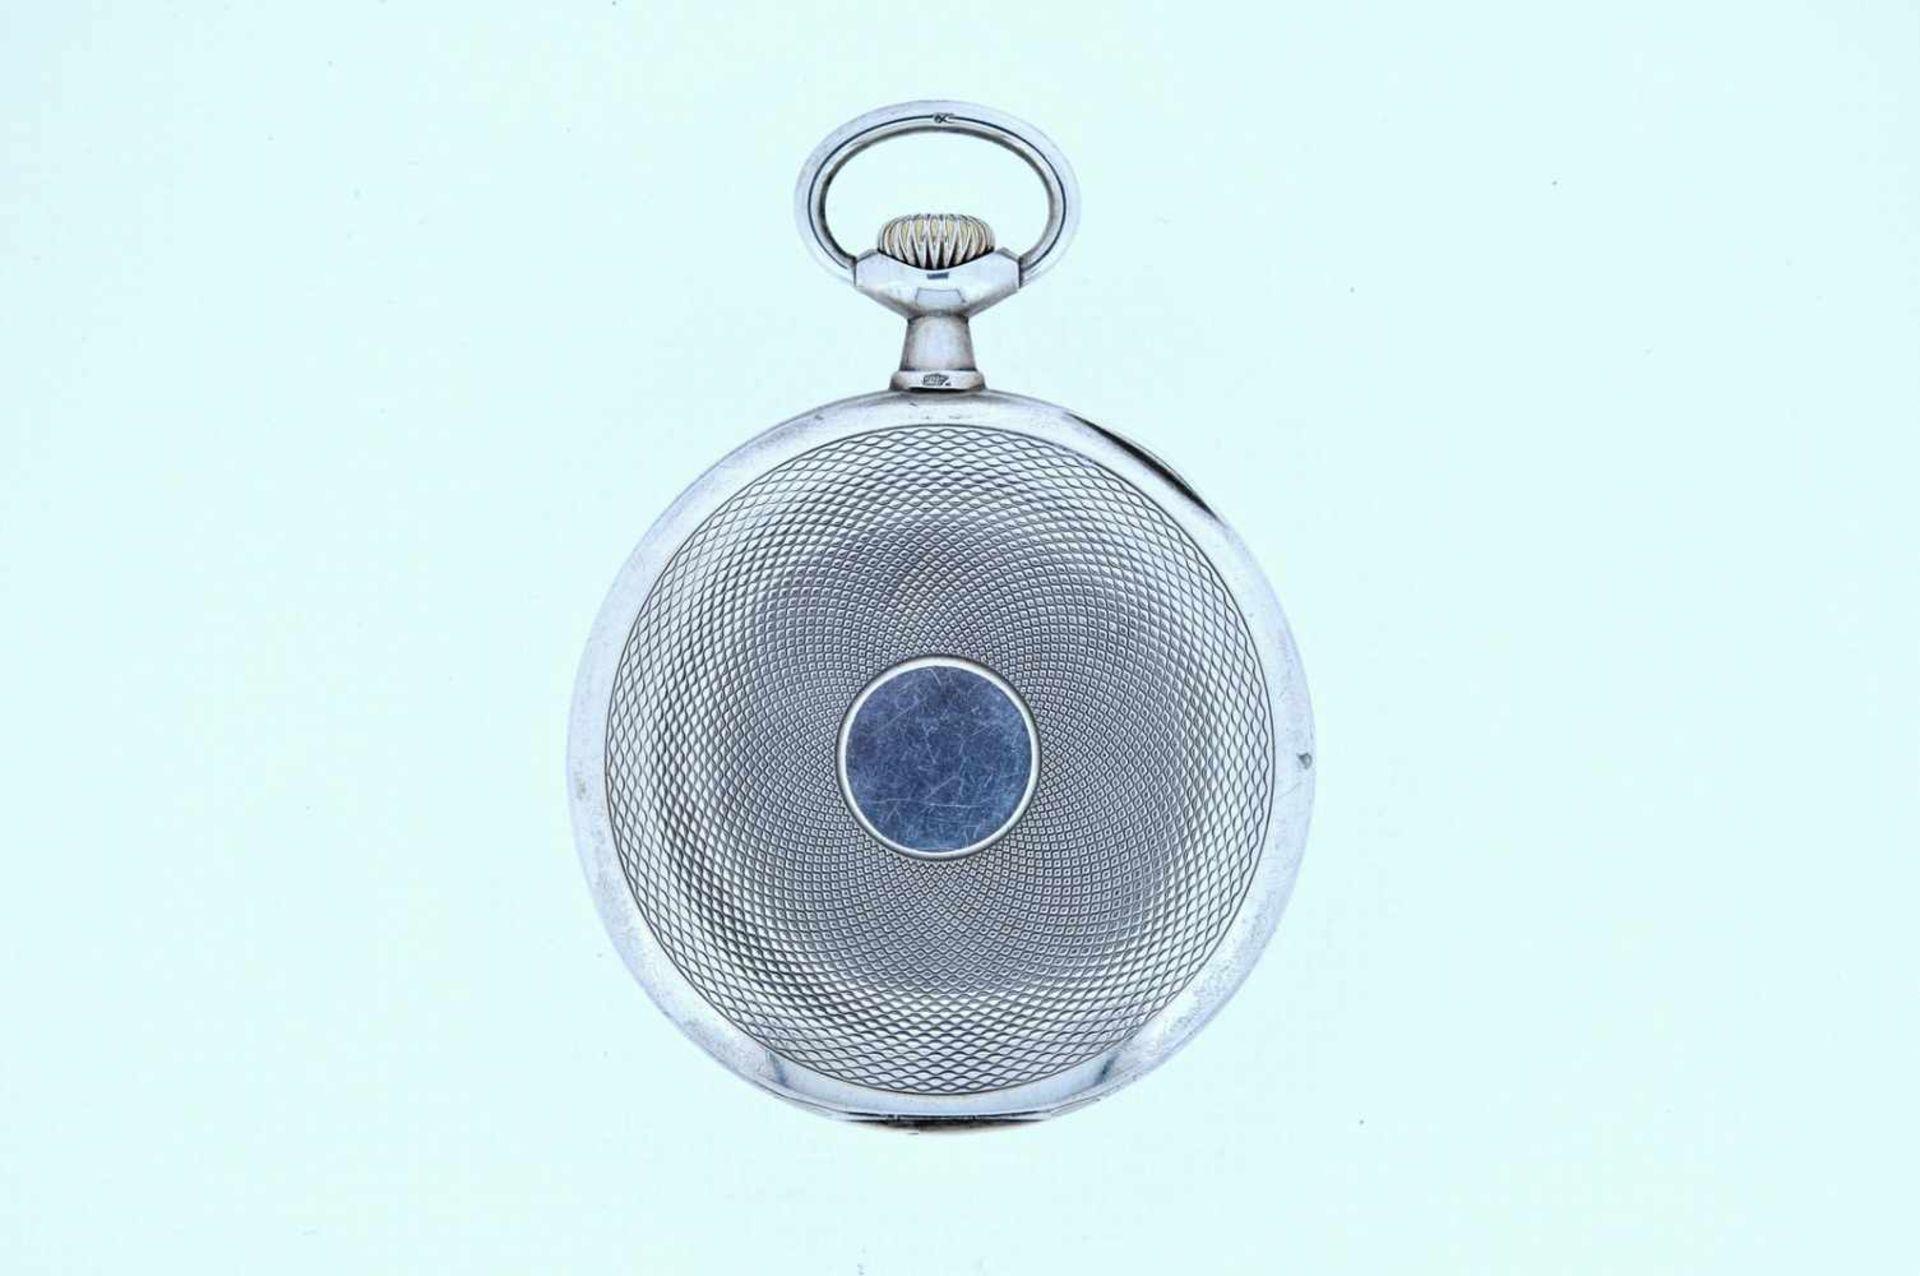 Los 32 - Silberne Taschenuhr Silberne Taschenuhr mit kleiner Sekunde, Omega, Breguetspirale, Ankerwerk,